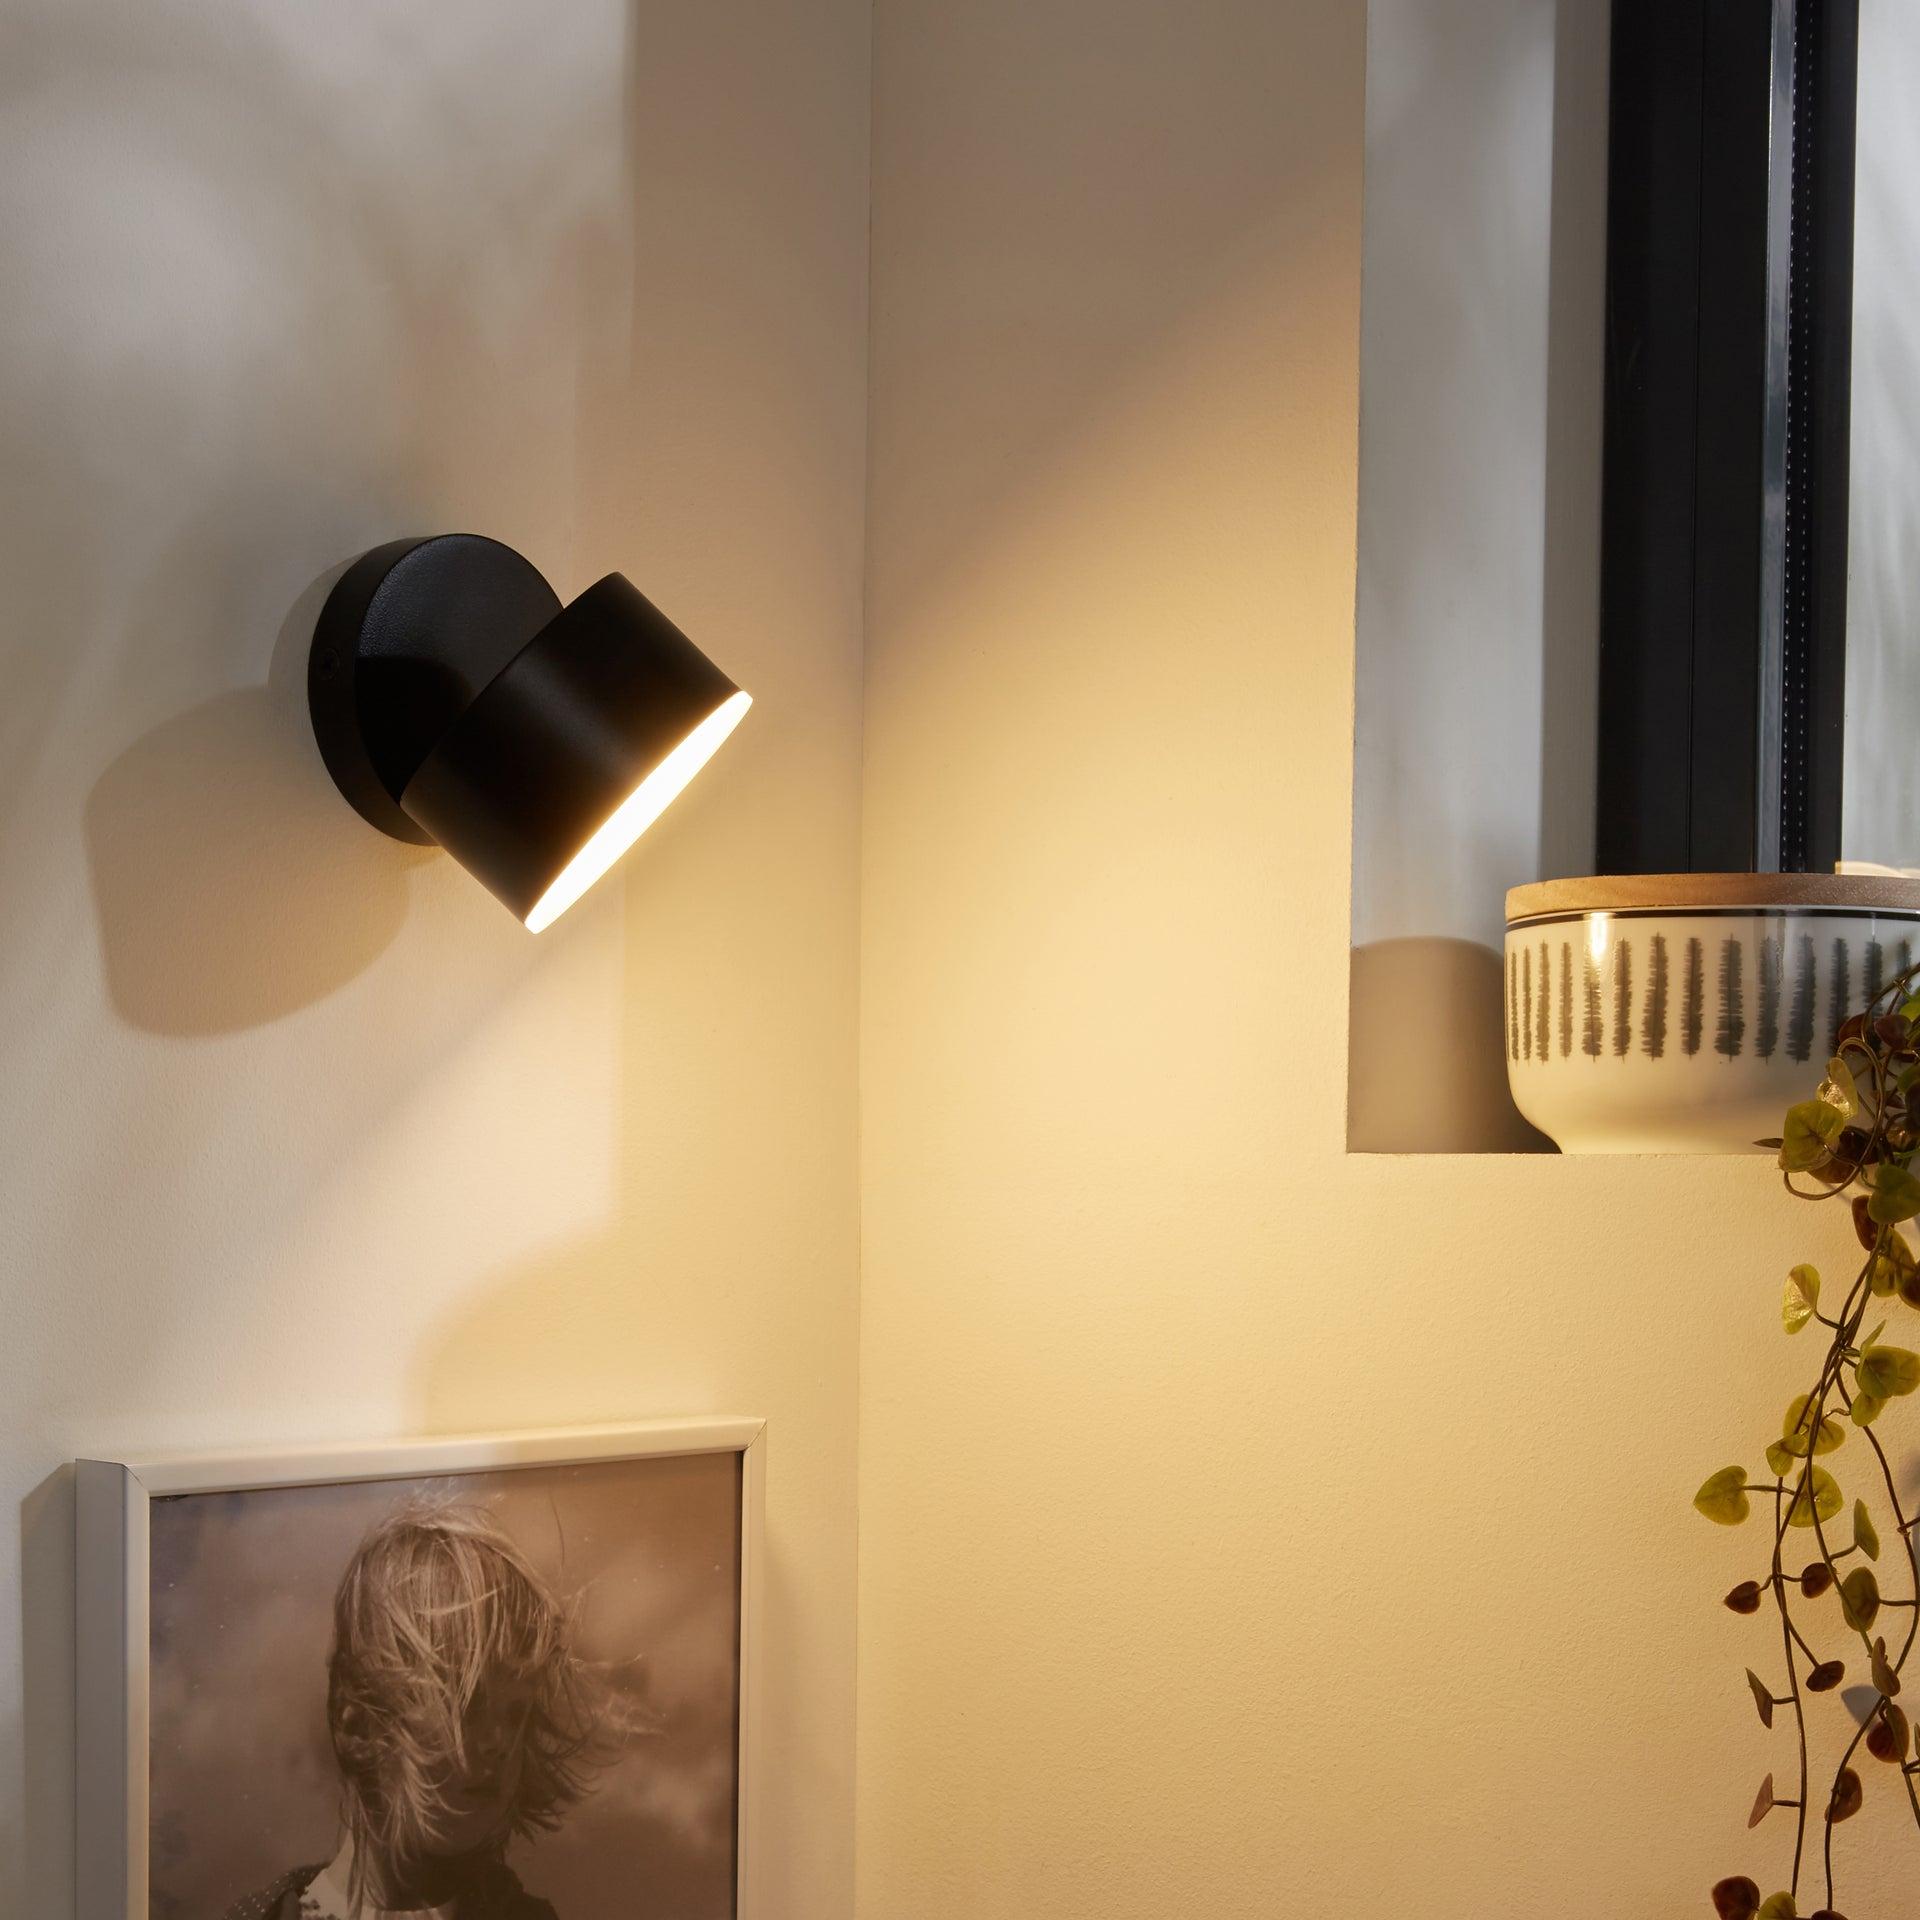 Applique acrylique noir led intégré INSPIRE Dopan